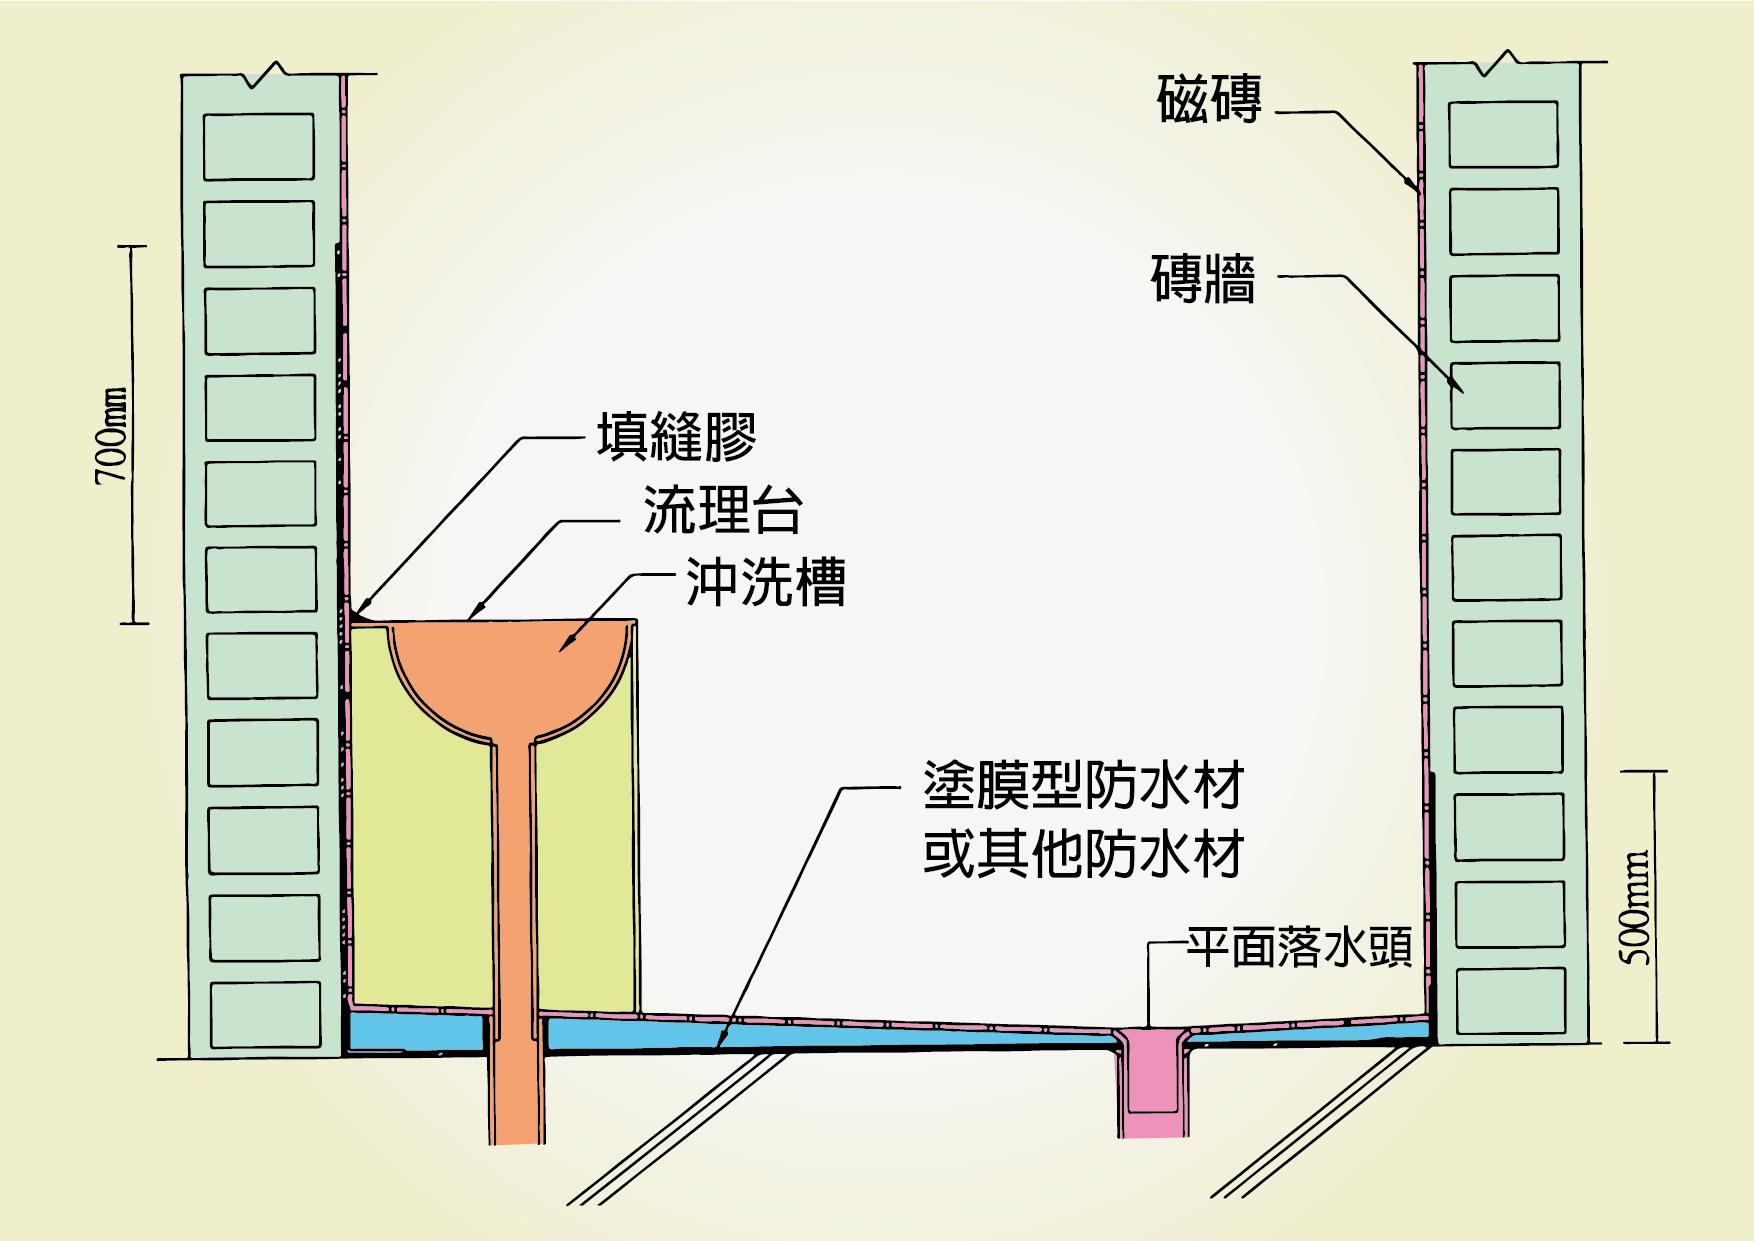 圖2-4-73.png